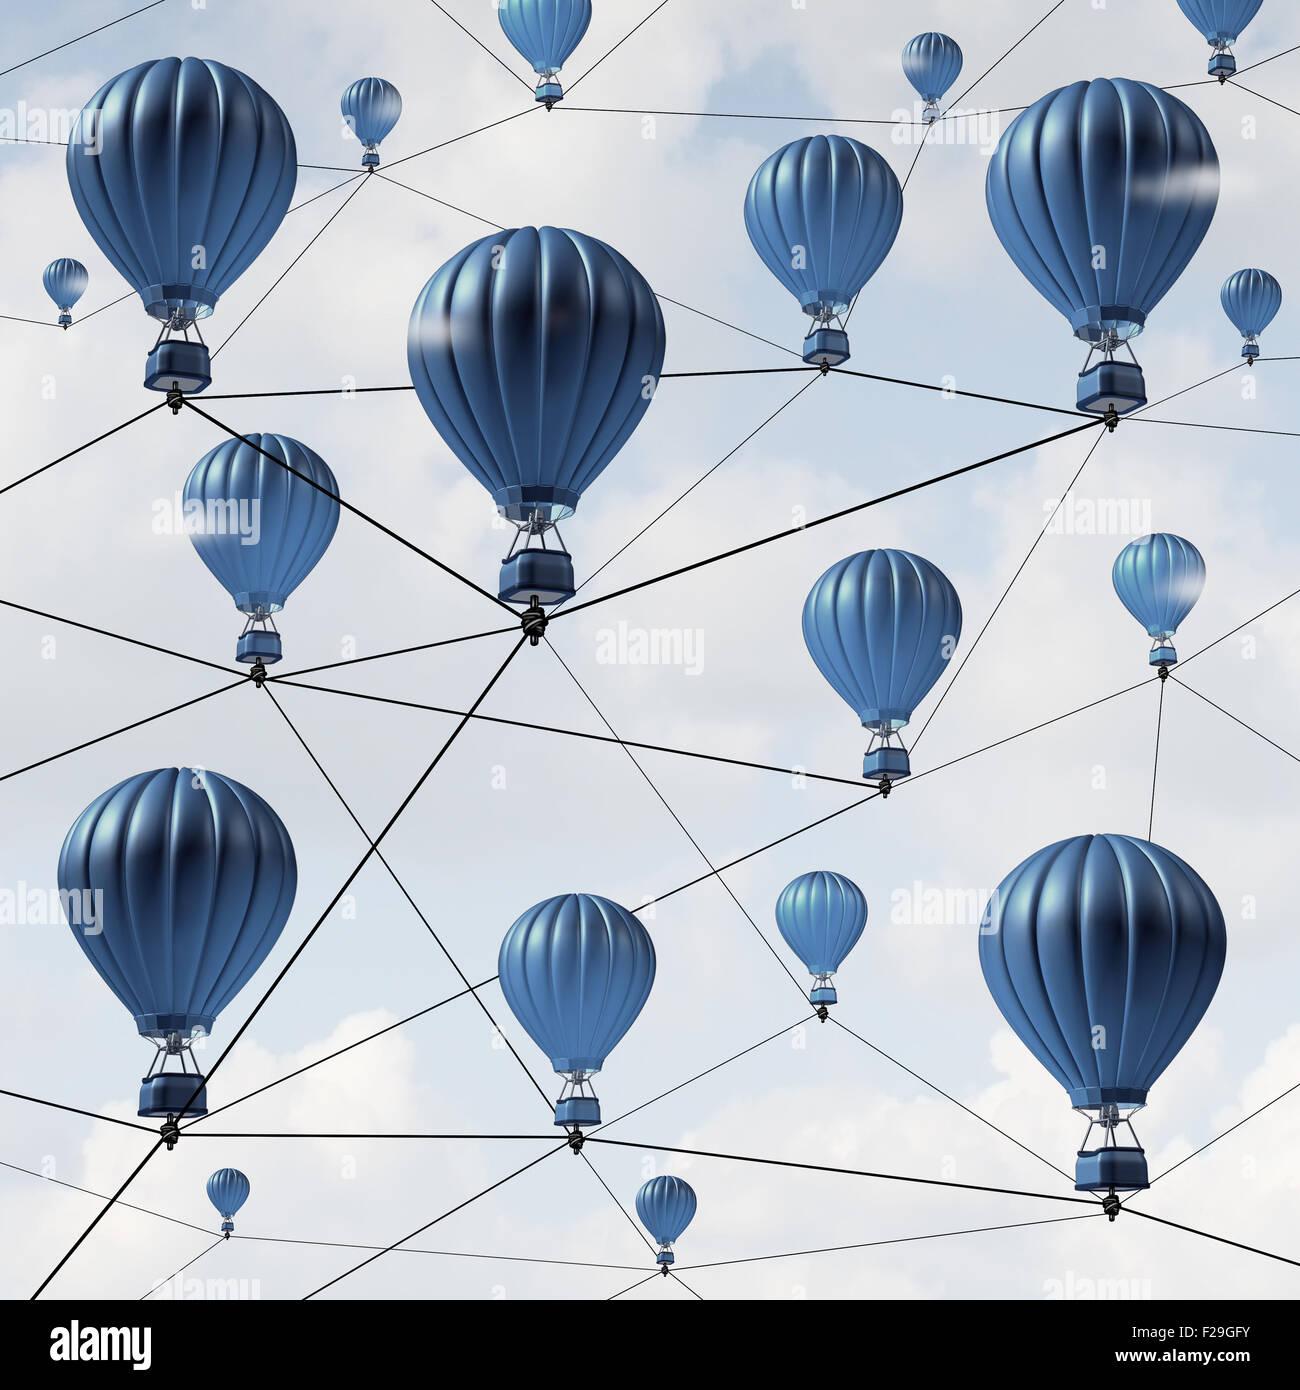 Netzwerkverbindungen Verbindung Erfolg Konzept und Gemeinschaft soziale Medien als eine Gruppe von blauen Heißluftballons Stockfoto